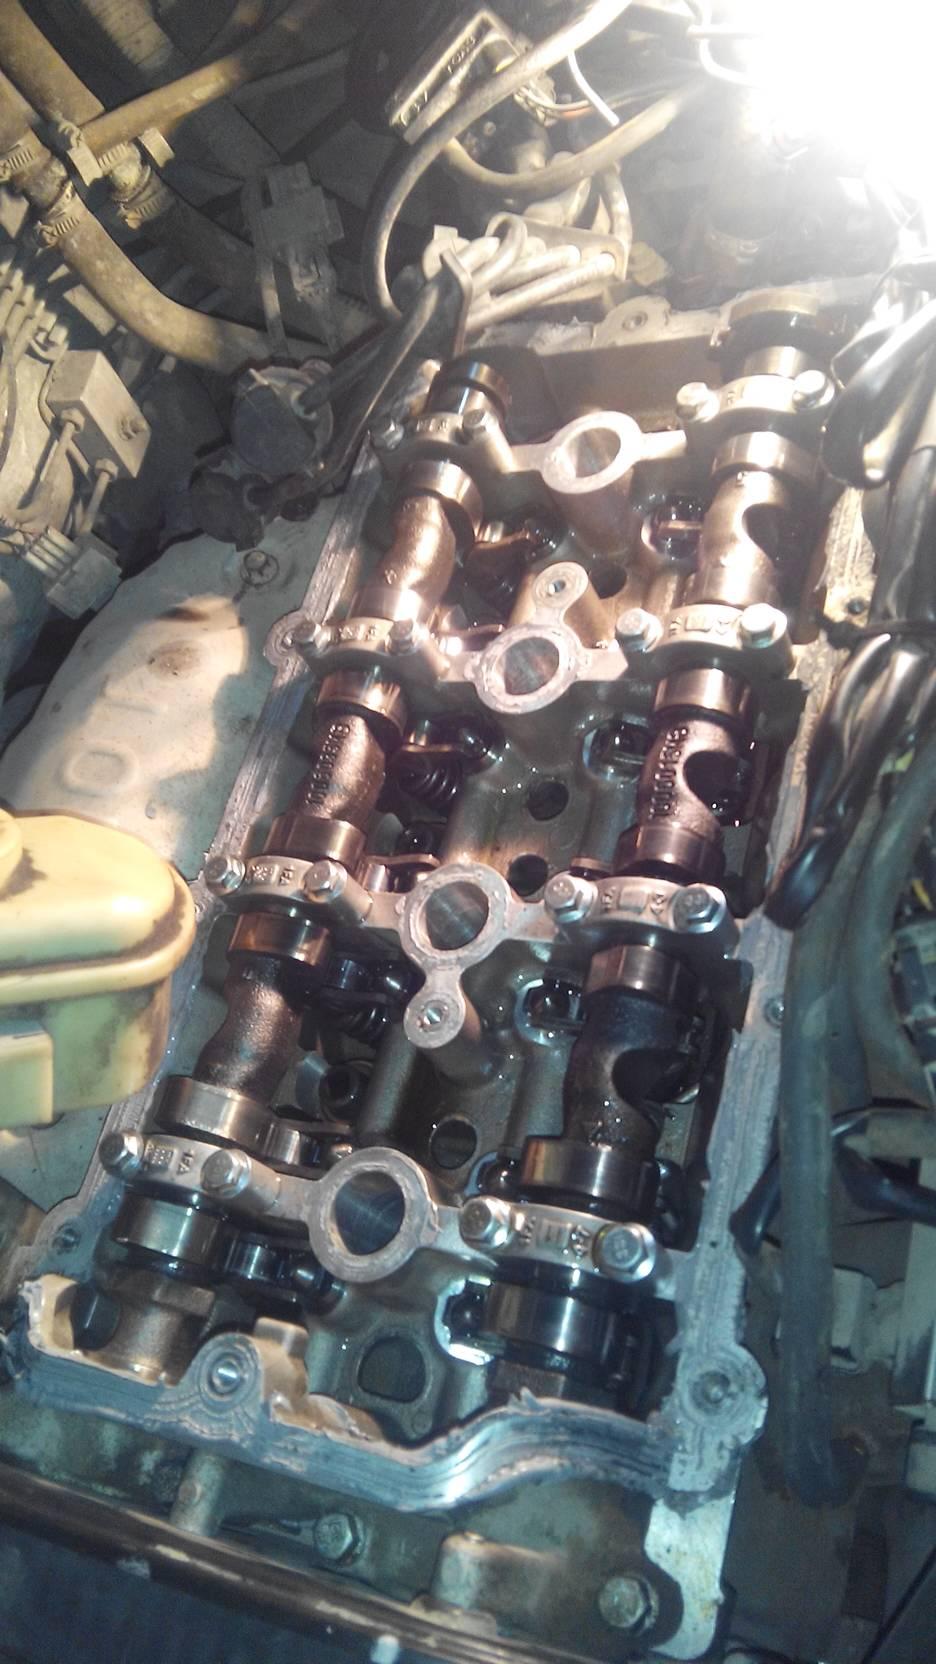 奇瑞优雅 小商务面包车 16v发动机中央空调已改   供应奔宝高清图片